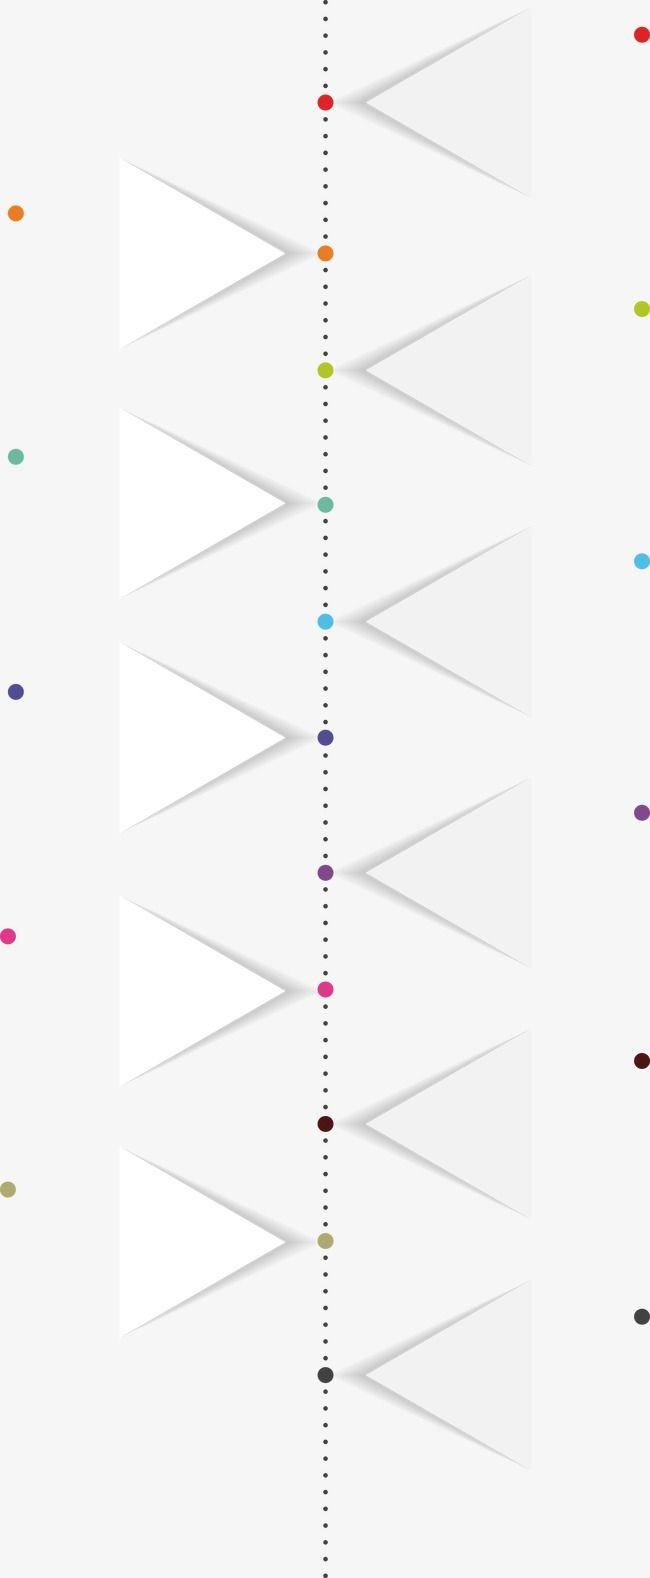 Ppt Ppt Element Ppt Templates Ascending Line Timeline